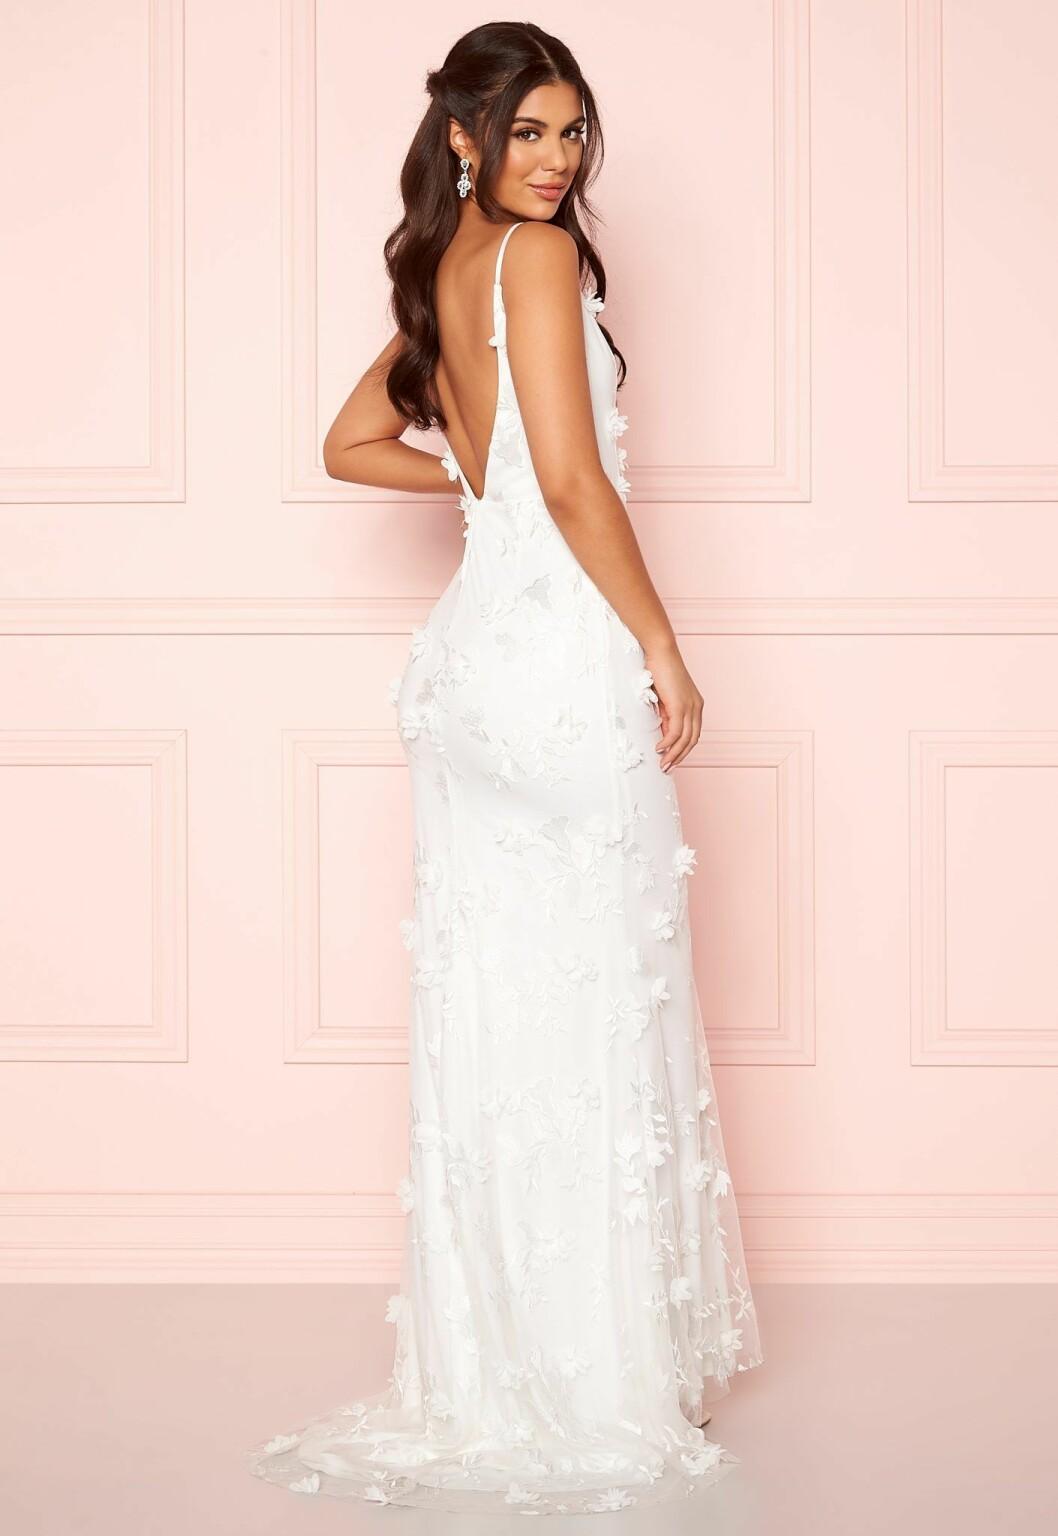 Modell i vit bröllopsklänning